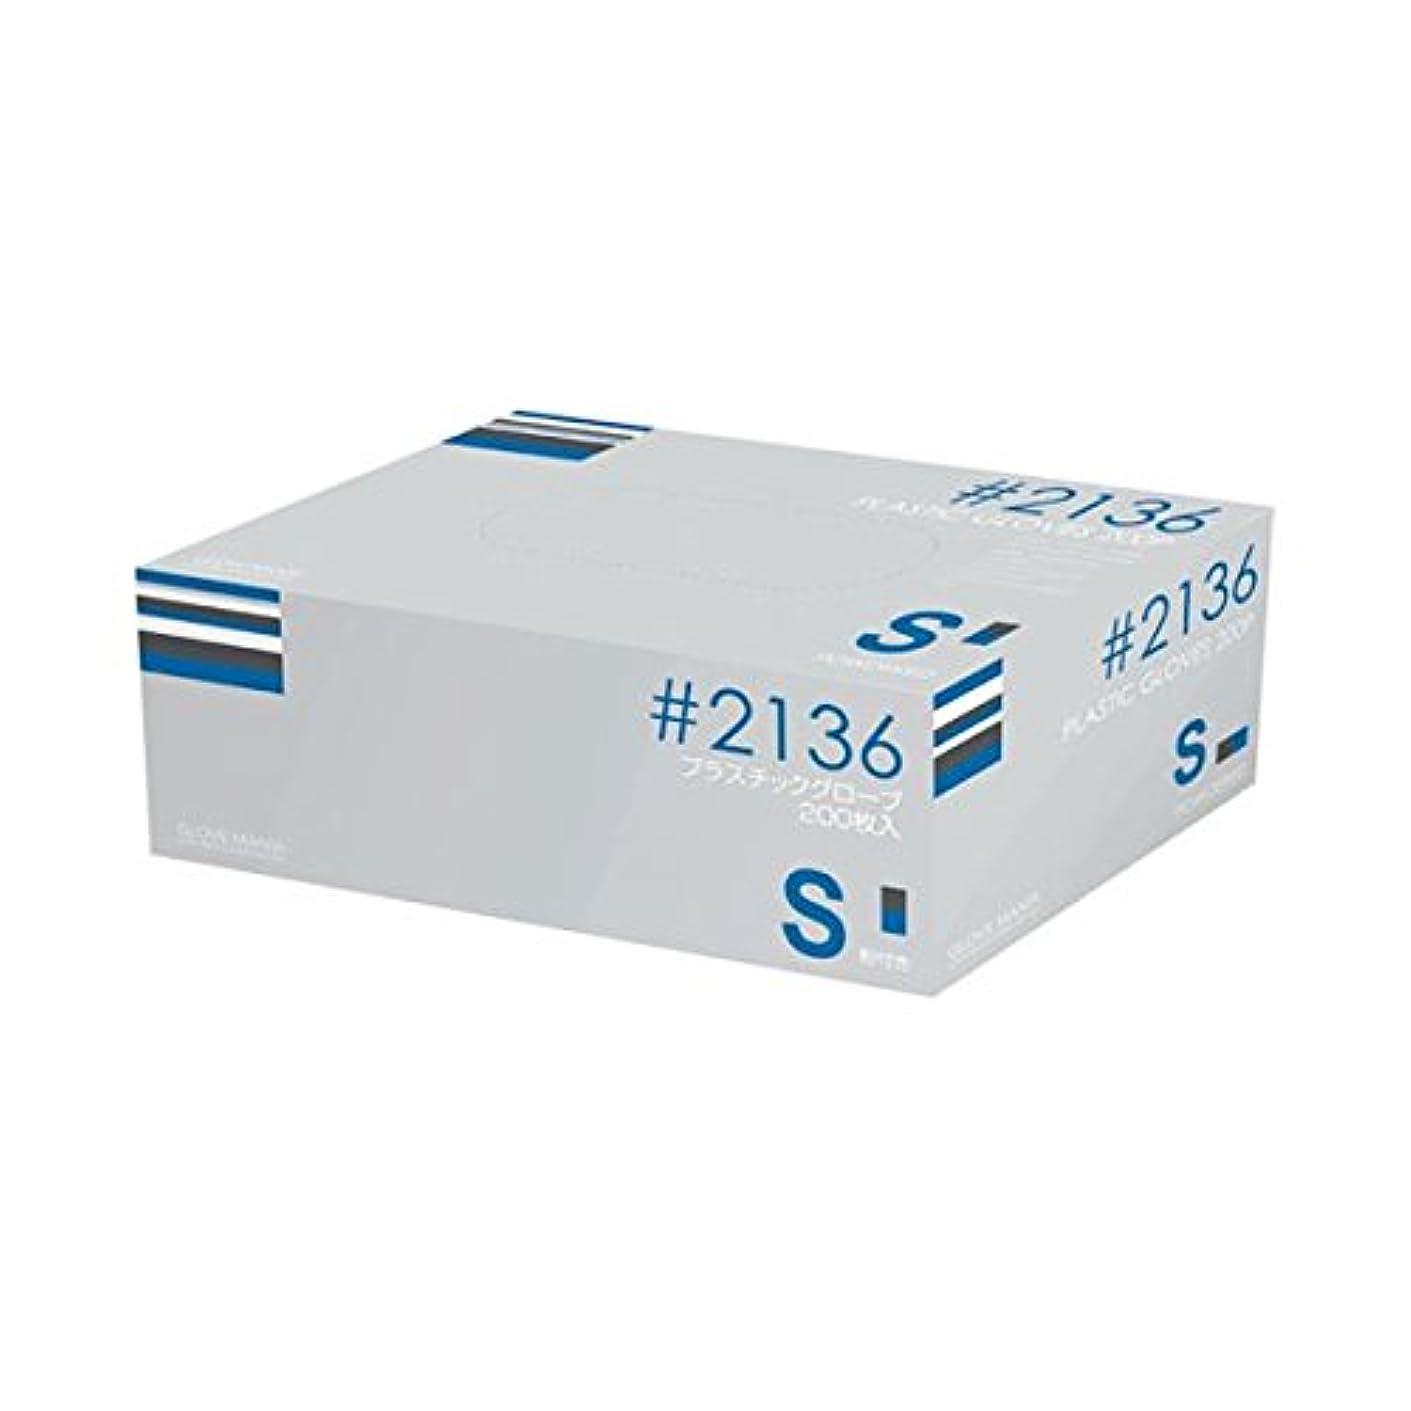 最小化するめんどり複数川西工業 プラスティックグローブ #2136 S 粉付 15箱 ダイエット 健康 衛生用品 その他の衛生用品 14067381 [並行輸入品]